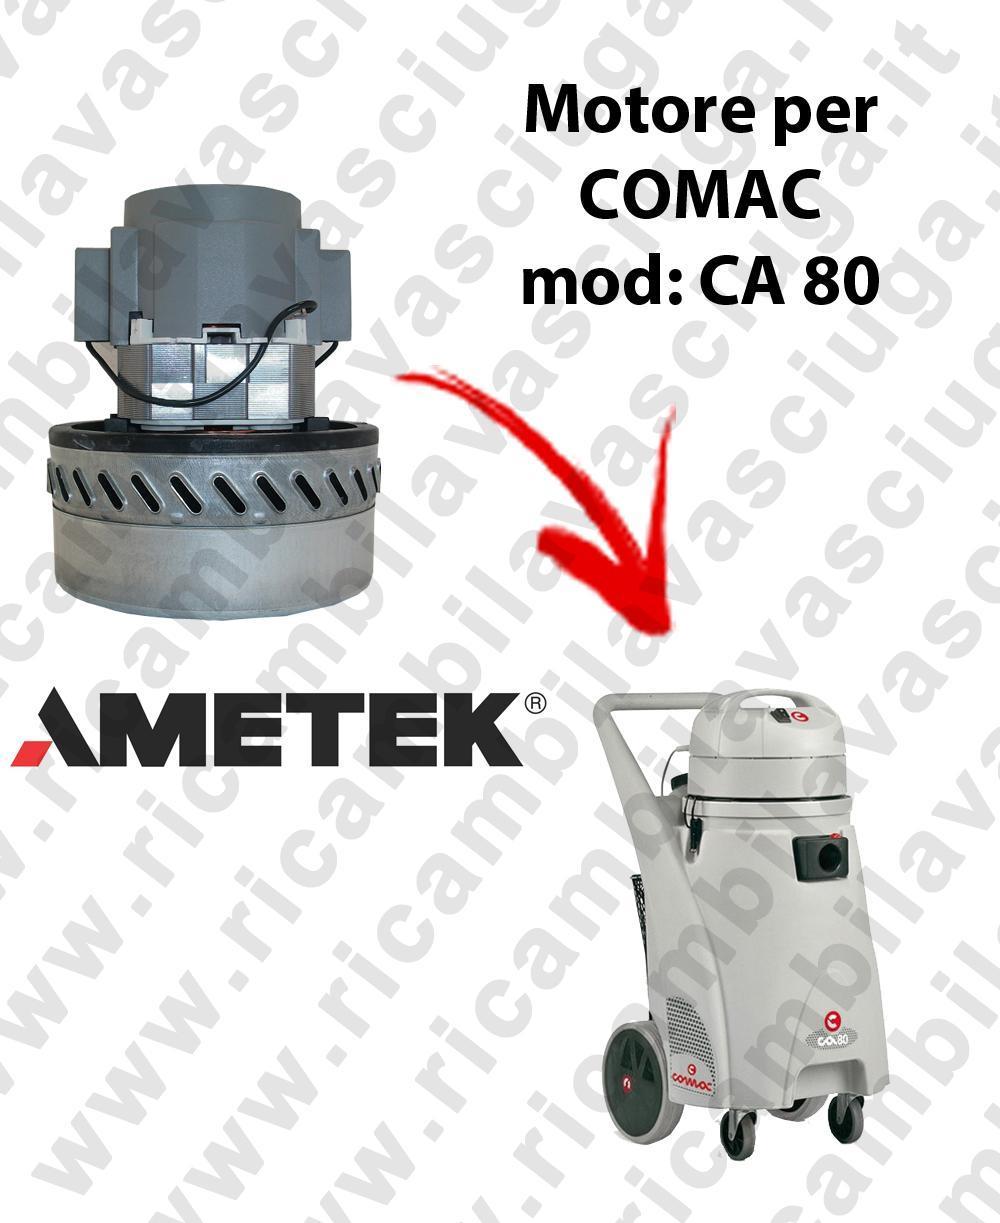 CA 80 AMETEK vacuum motor for wet and dry vacuum cleaner COMAC